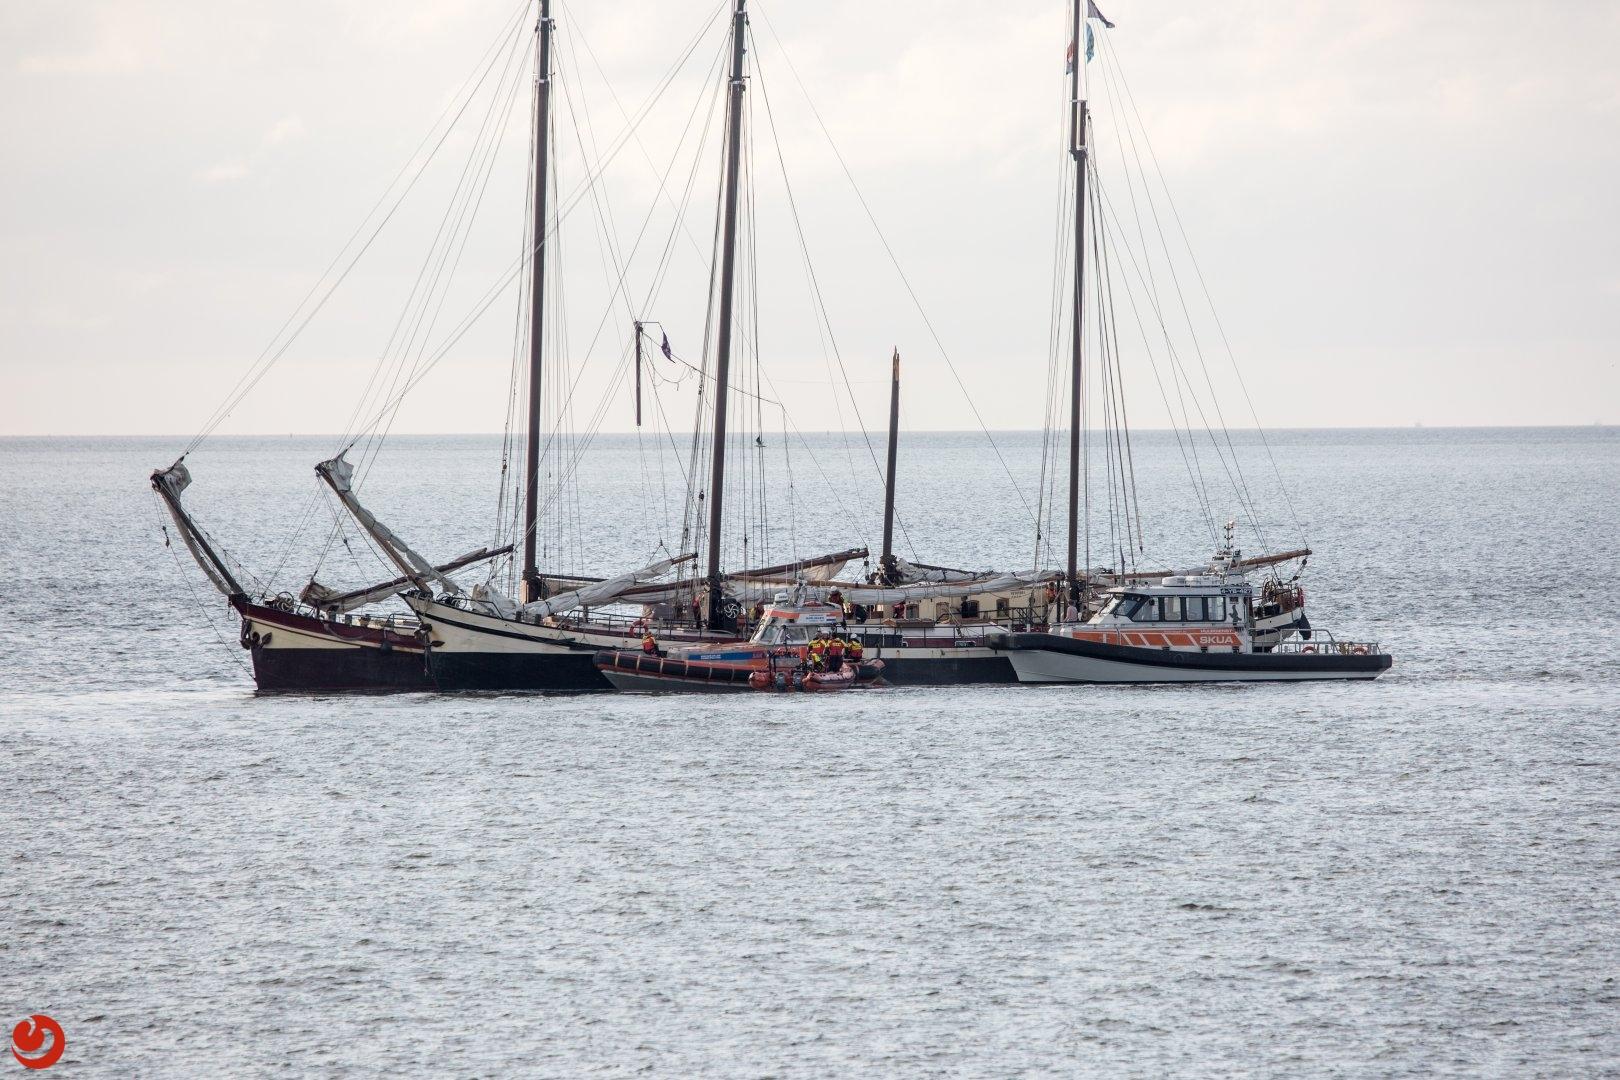 Charterschip verliest mast na aanvaring